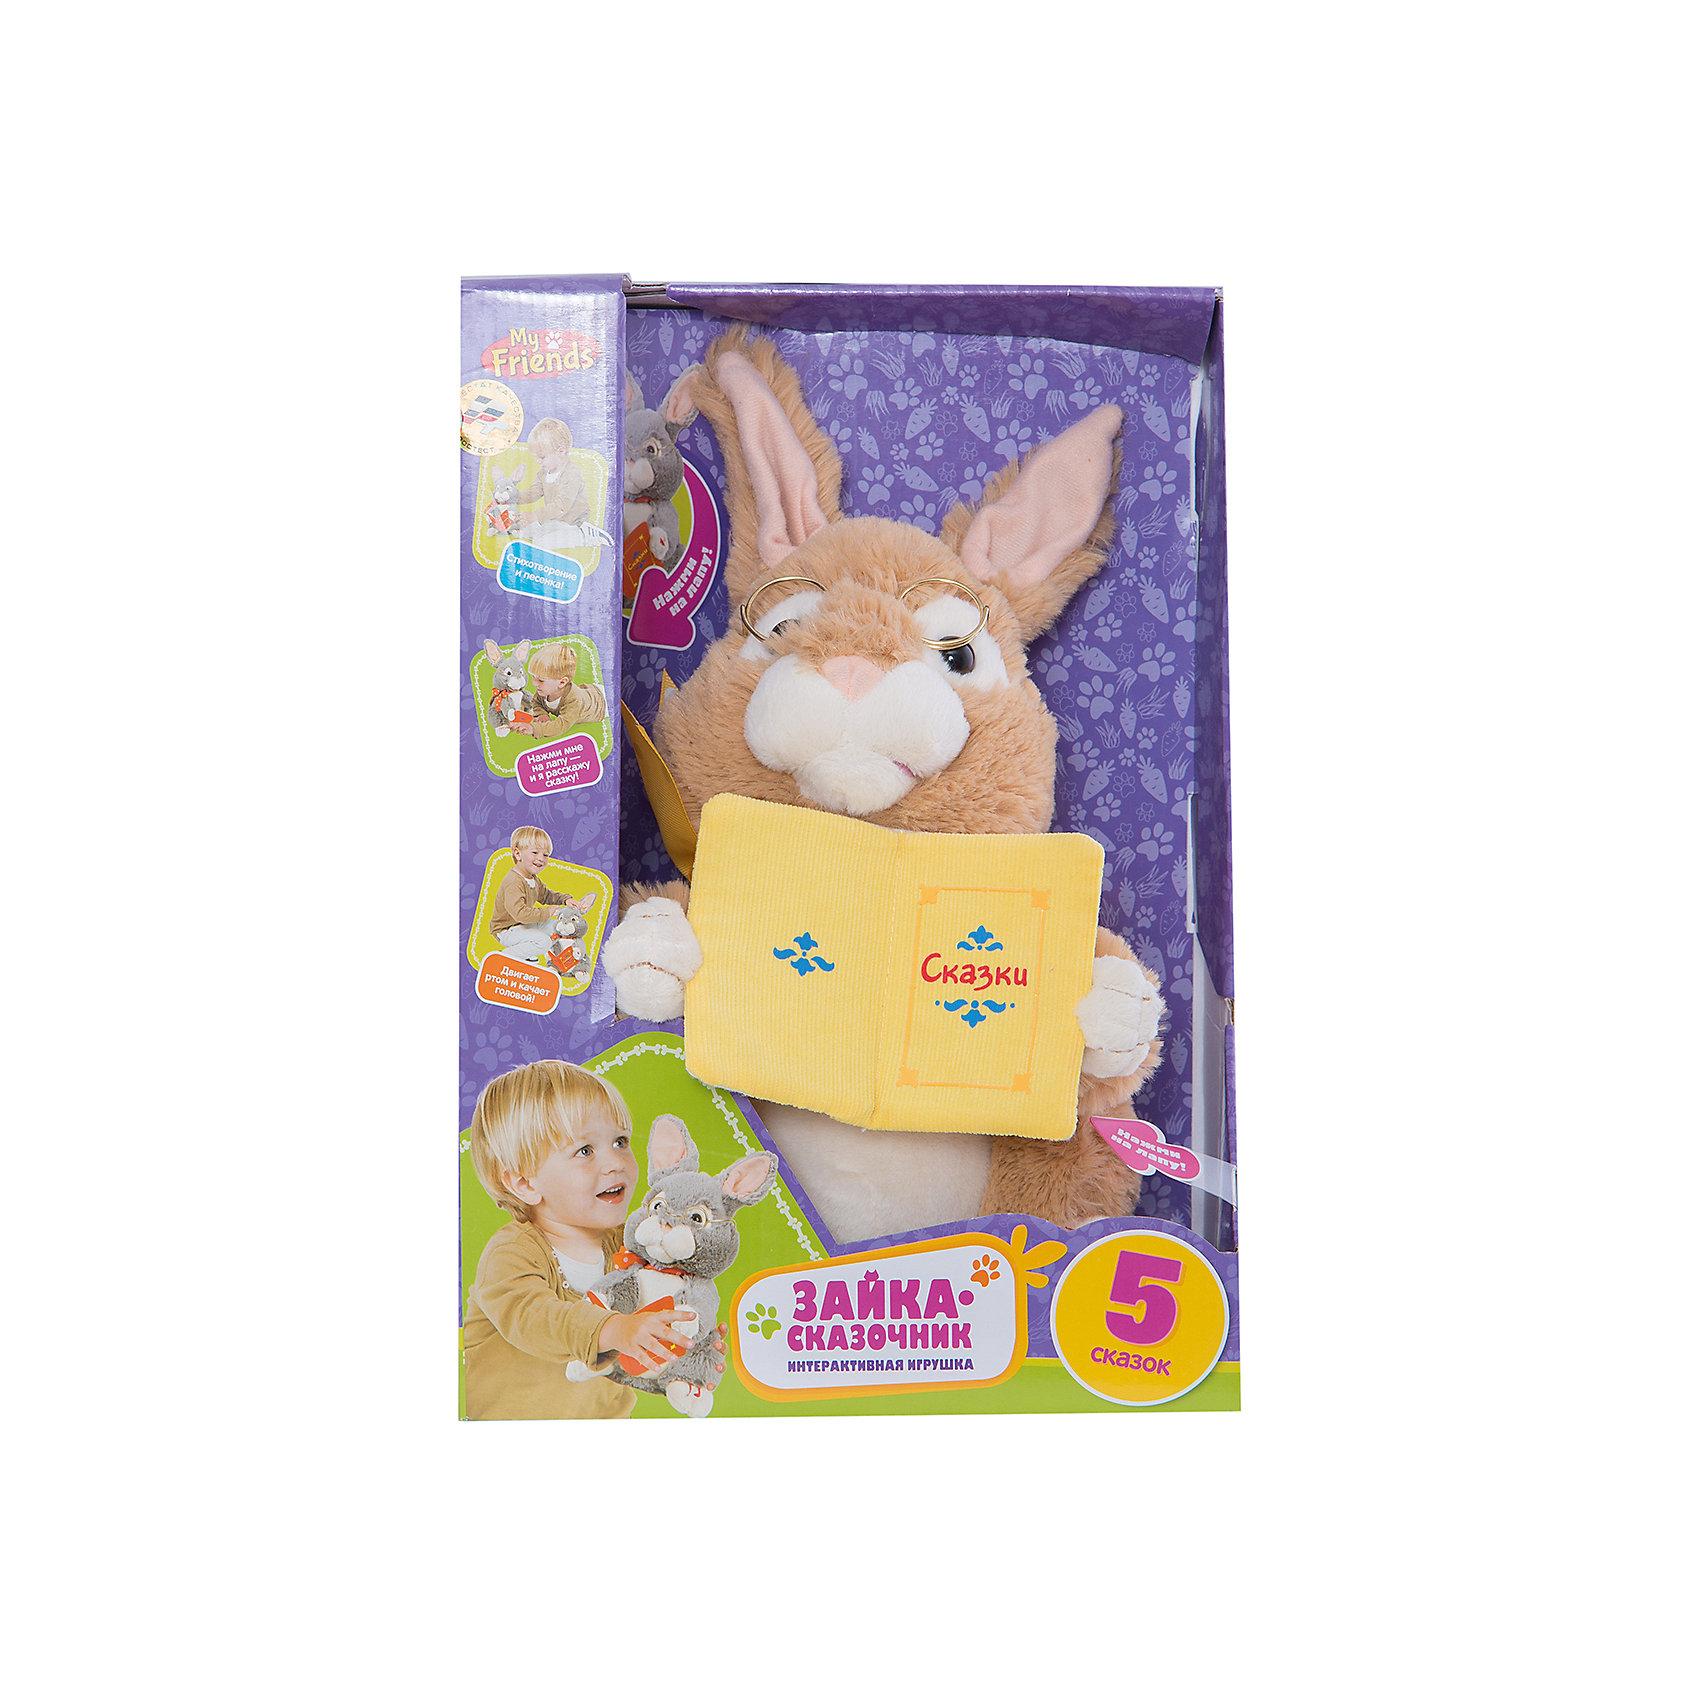 Интерактивный бежевый Кролик-сказочник, Играем вместе